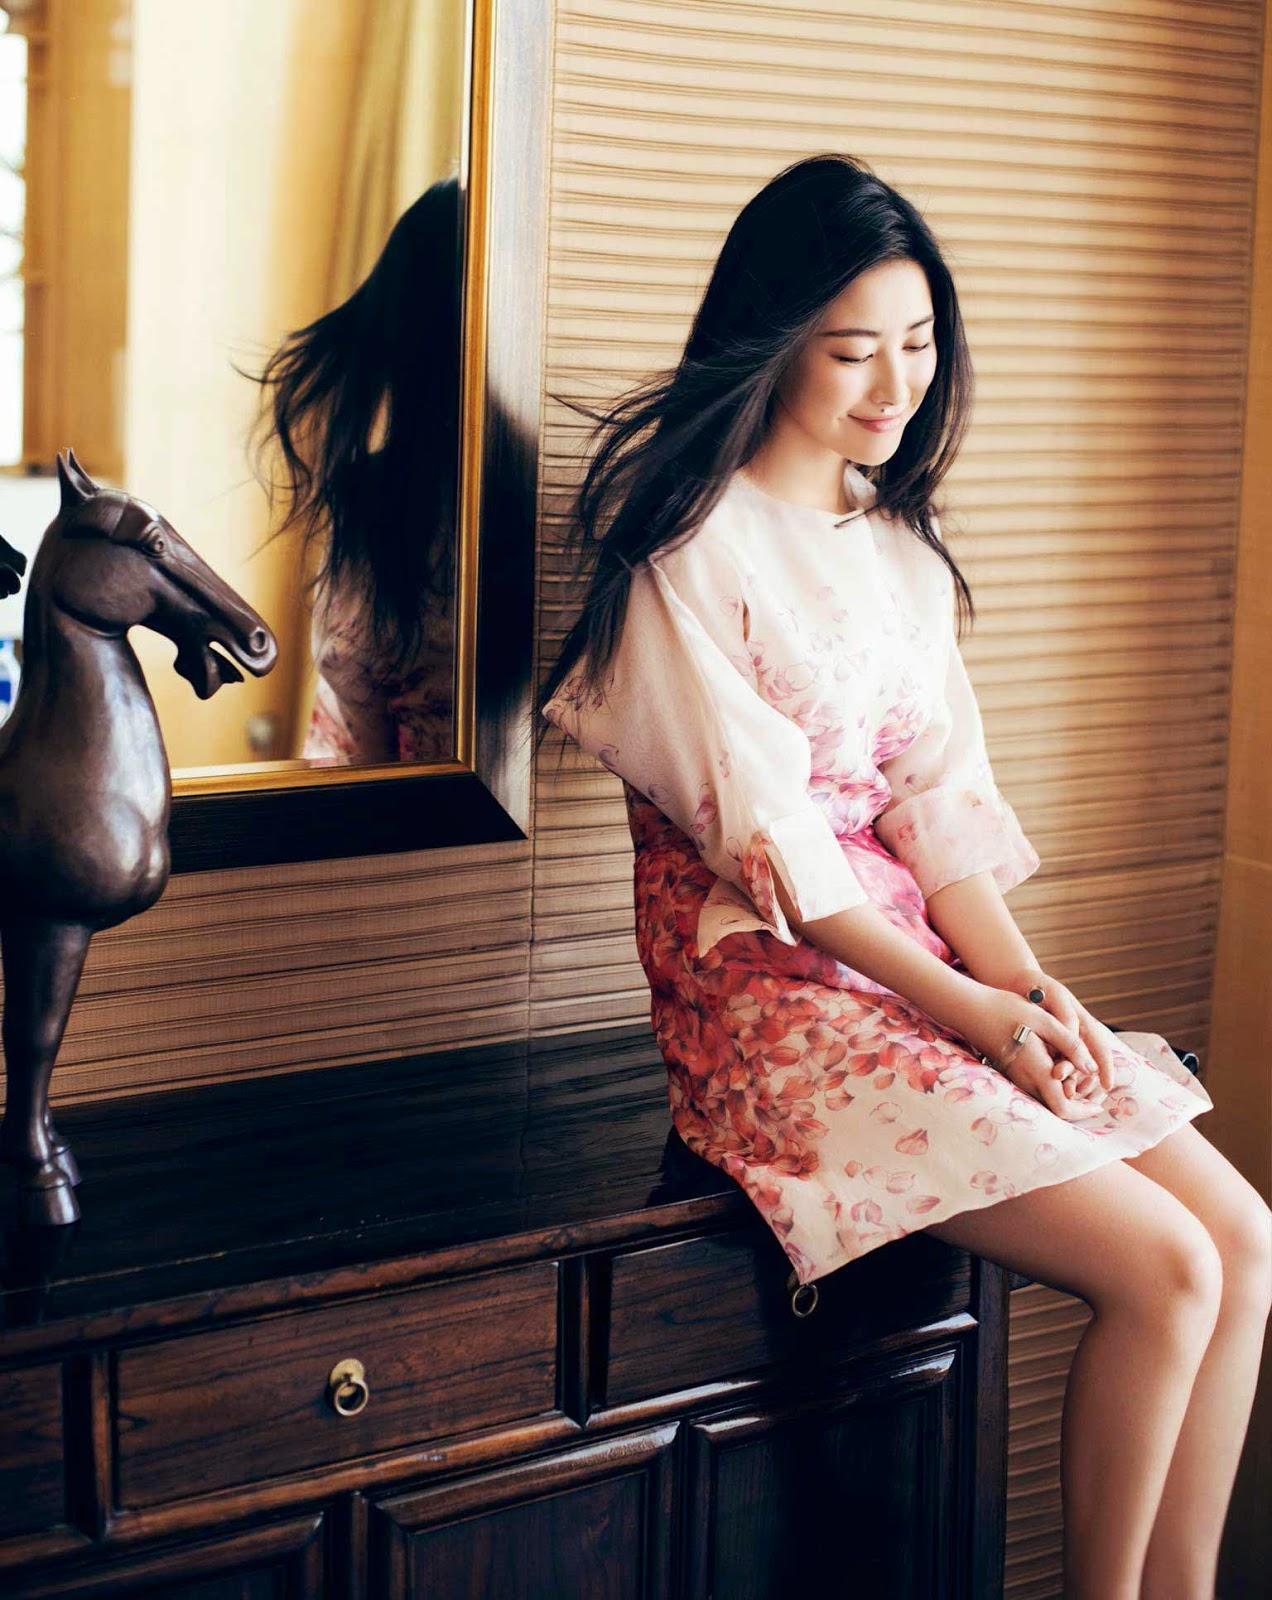 Ass Zhu Zhu nude photos 2019